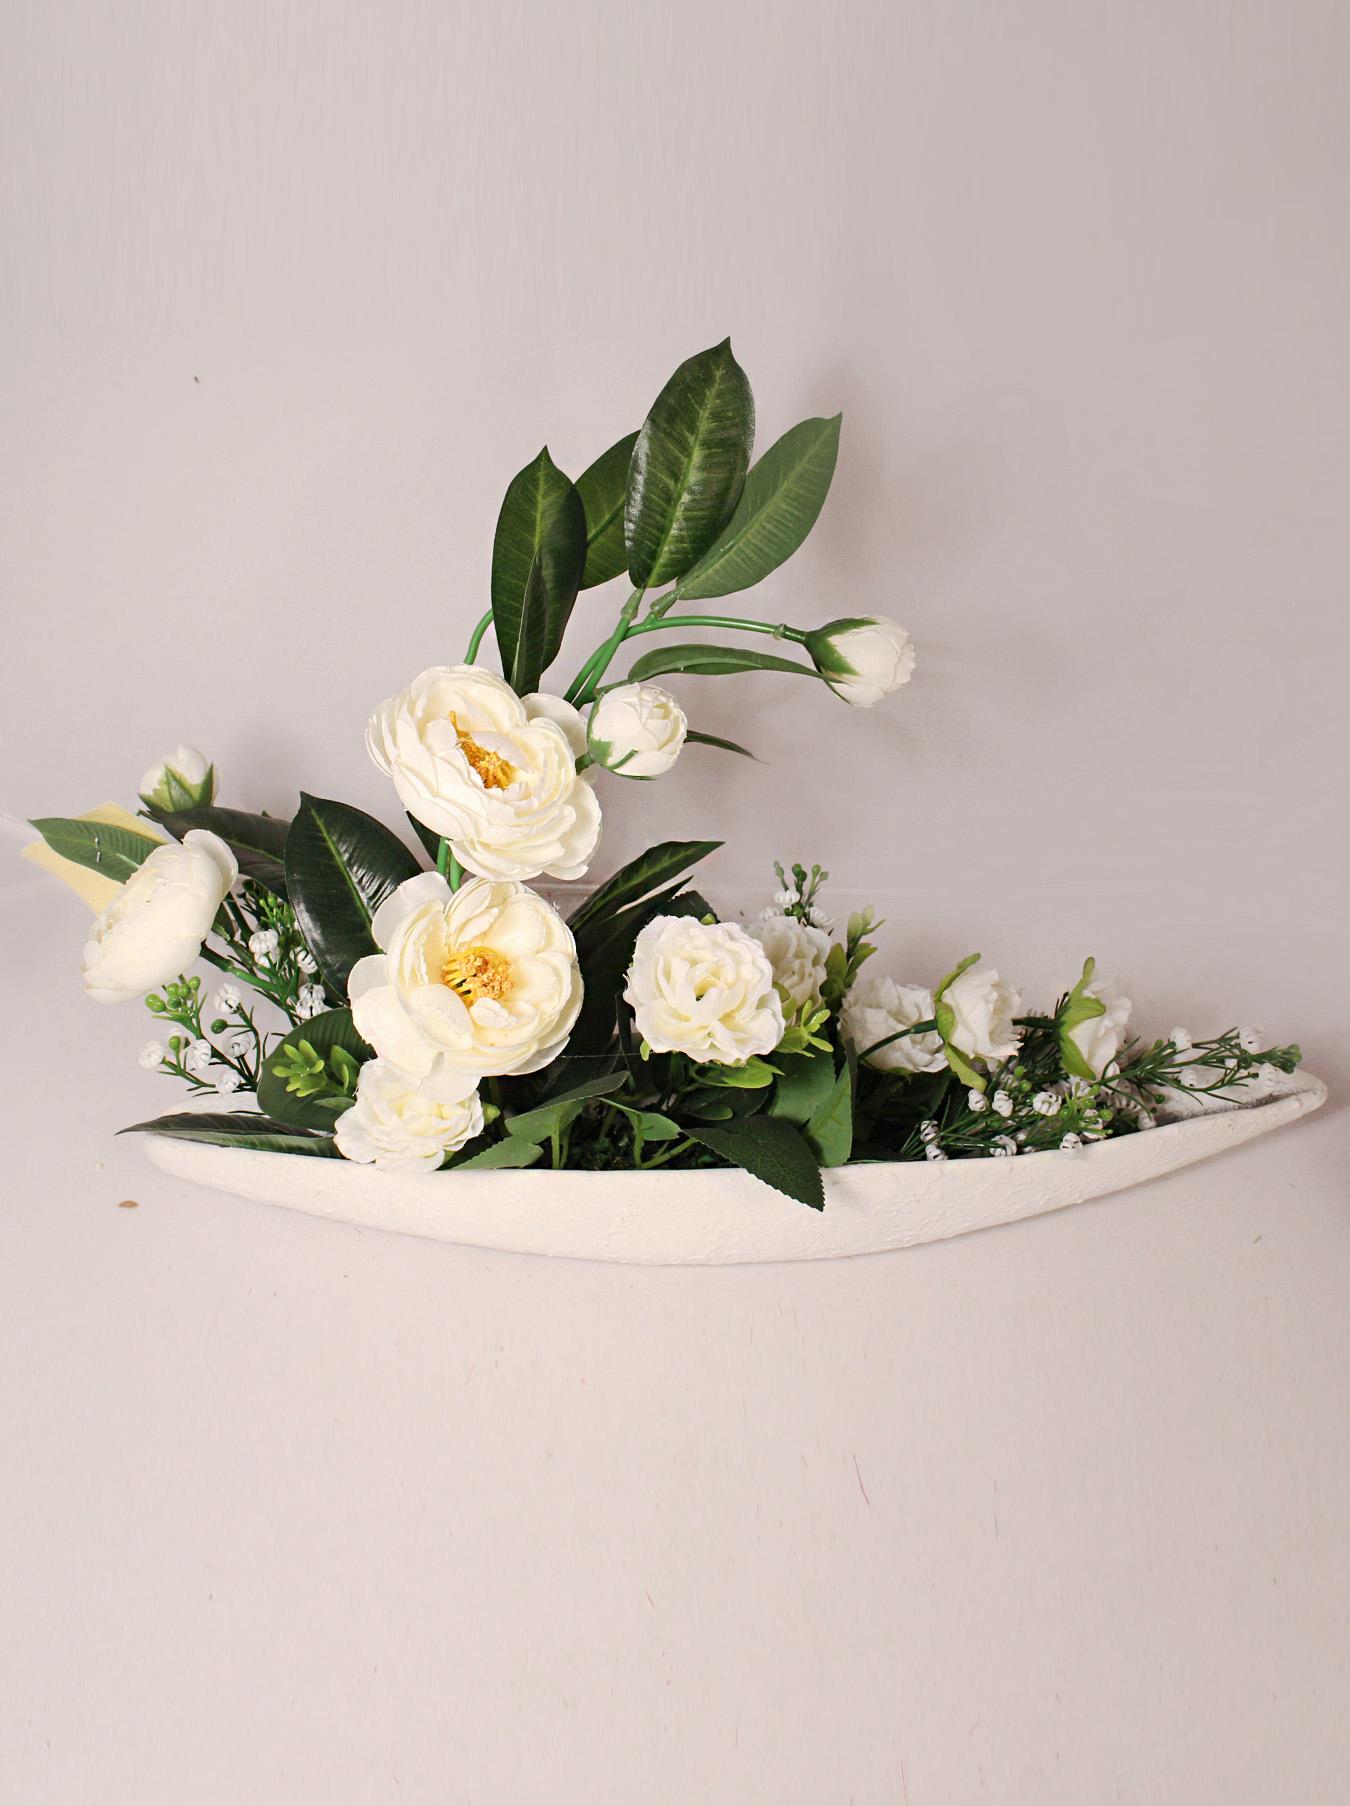 Сбор заказов. Оформление интерьера изысканными и красивыми растениями! Скидки до 25%. Здесь вы найдете искусственные деревья, цветы в горшках, одиночные цветы, французские балконы, искусственная трава, подвесные, настенные кашпо и другое. Выкуп 9.